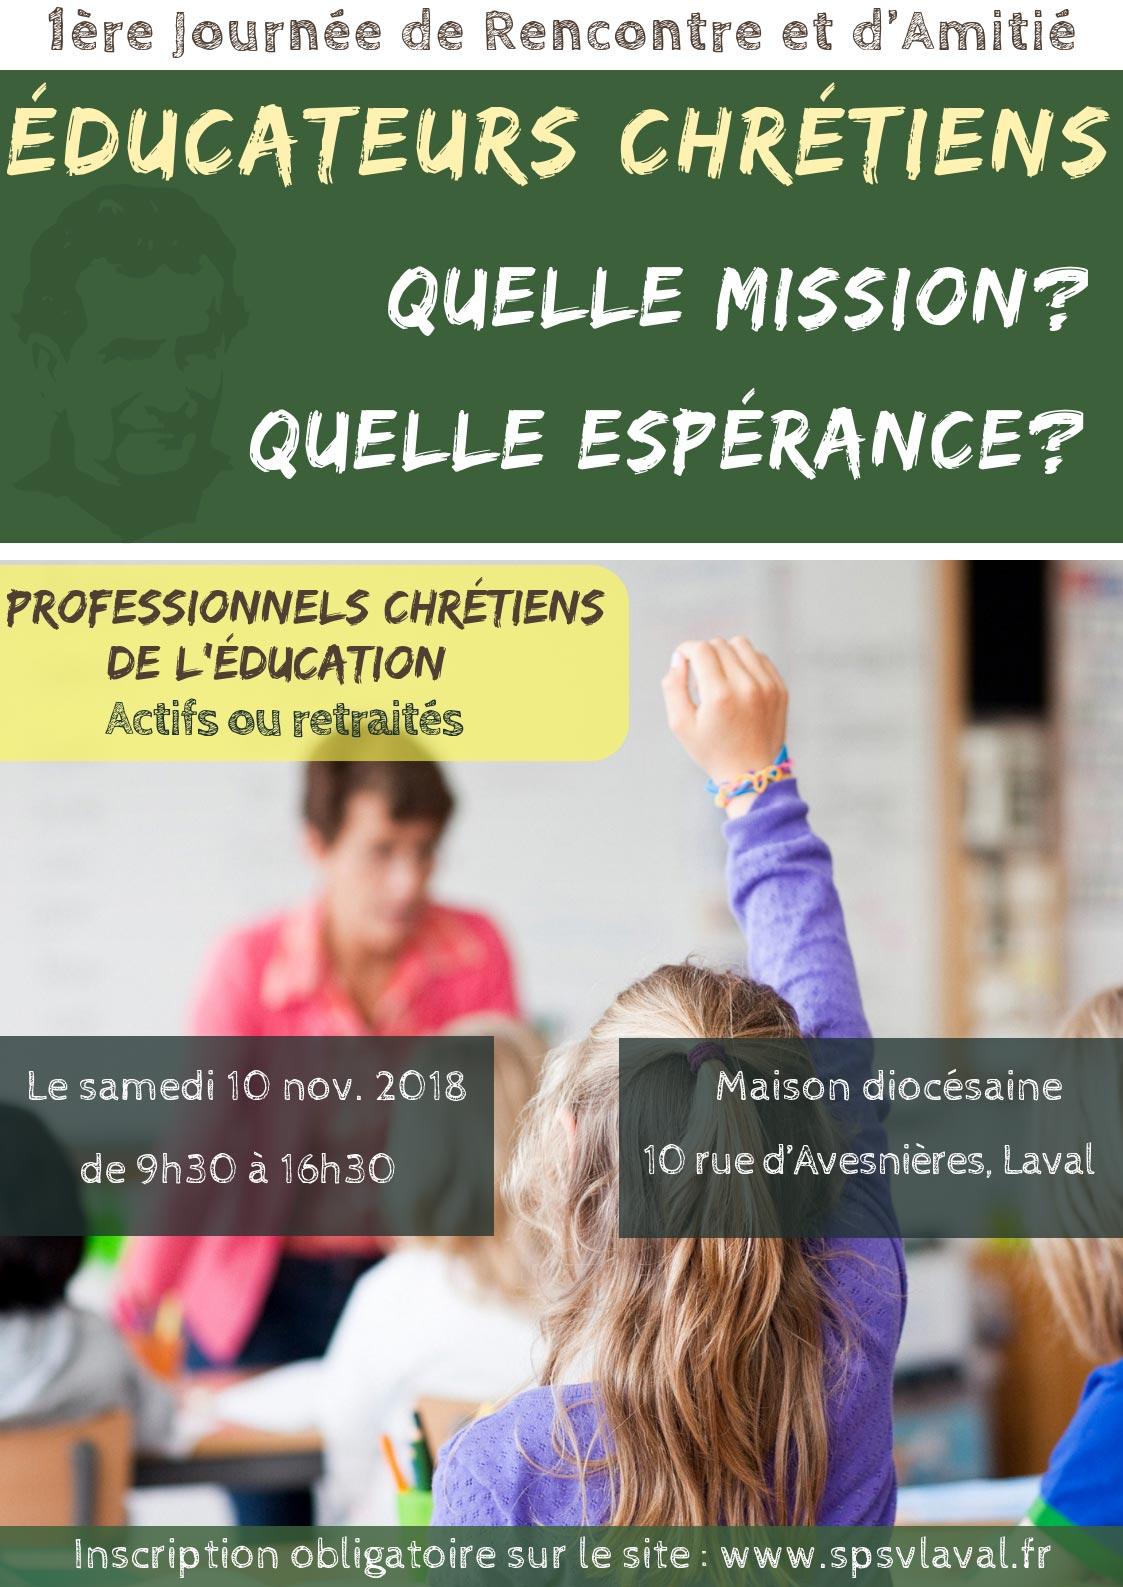 Rencontre spéciale éducateurs chrétiens le 10 novembre 2018 à Laval (53)